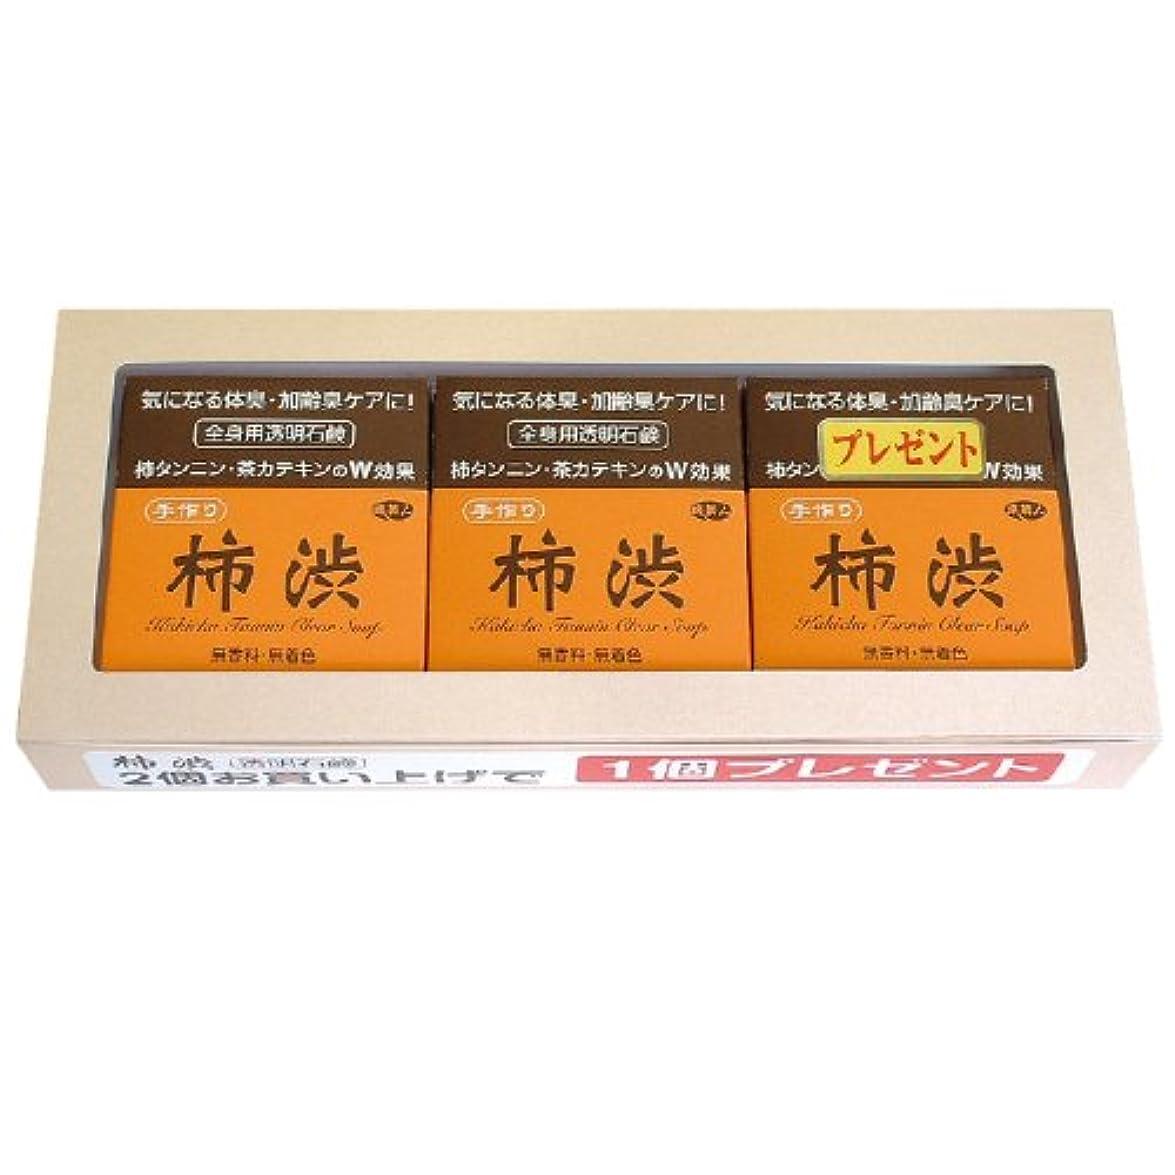 空洞師匠神経アズマ商事の 柿渋透明石鹸 2個の値段で3個入りセット